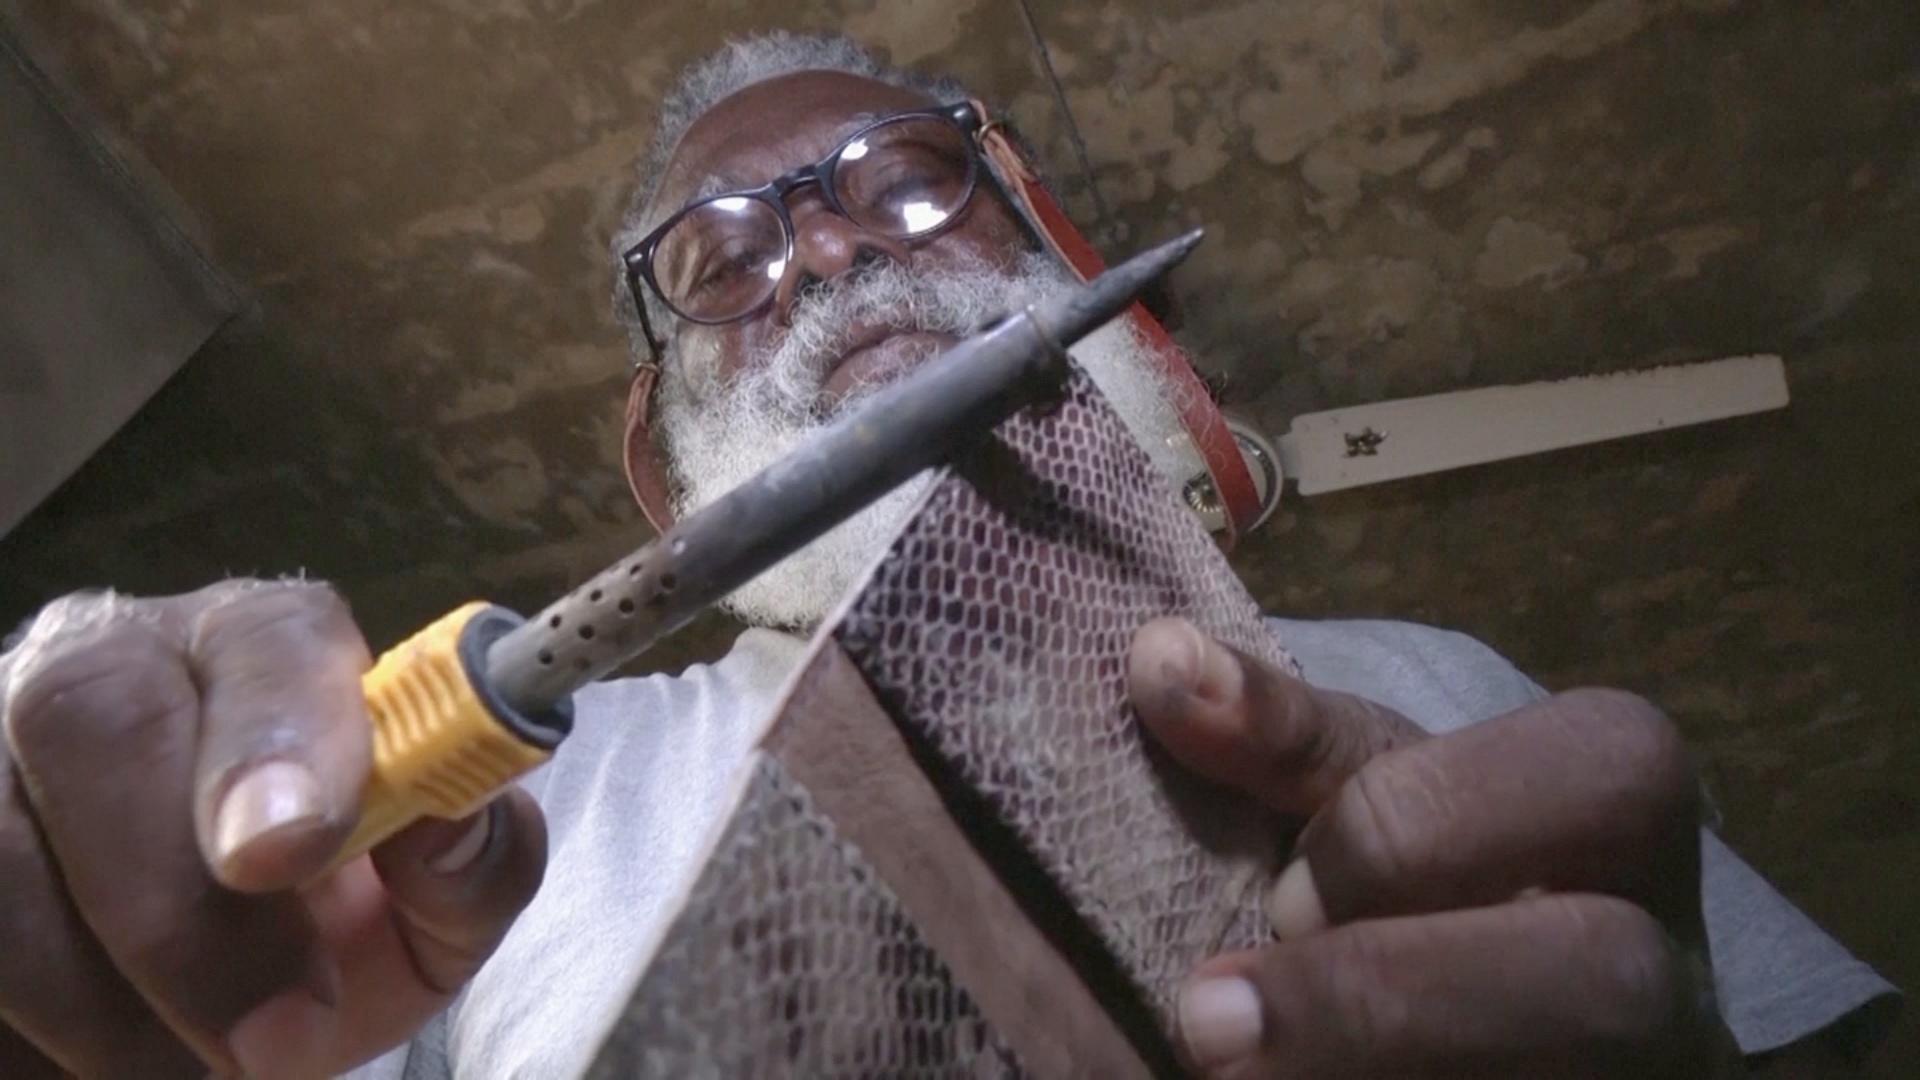 На взлёте карьеры: нигерийскому кожевеннику некогда уходить на пенсию